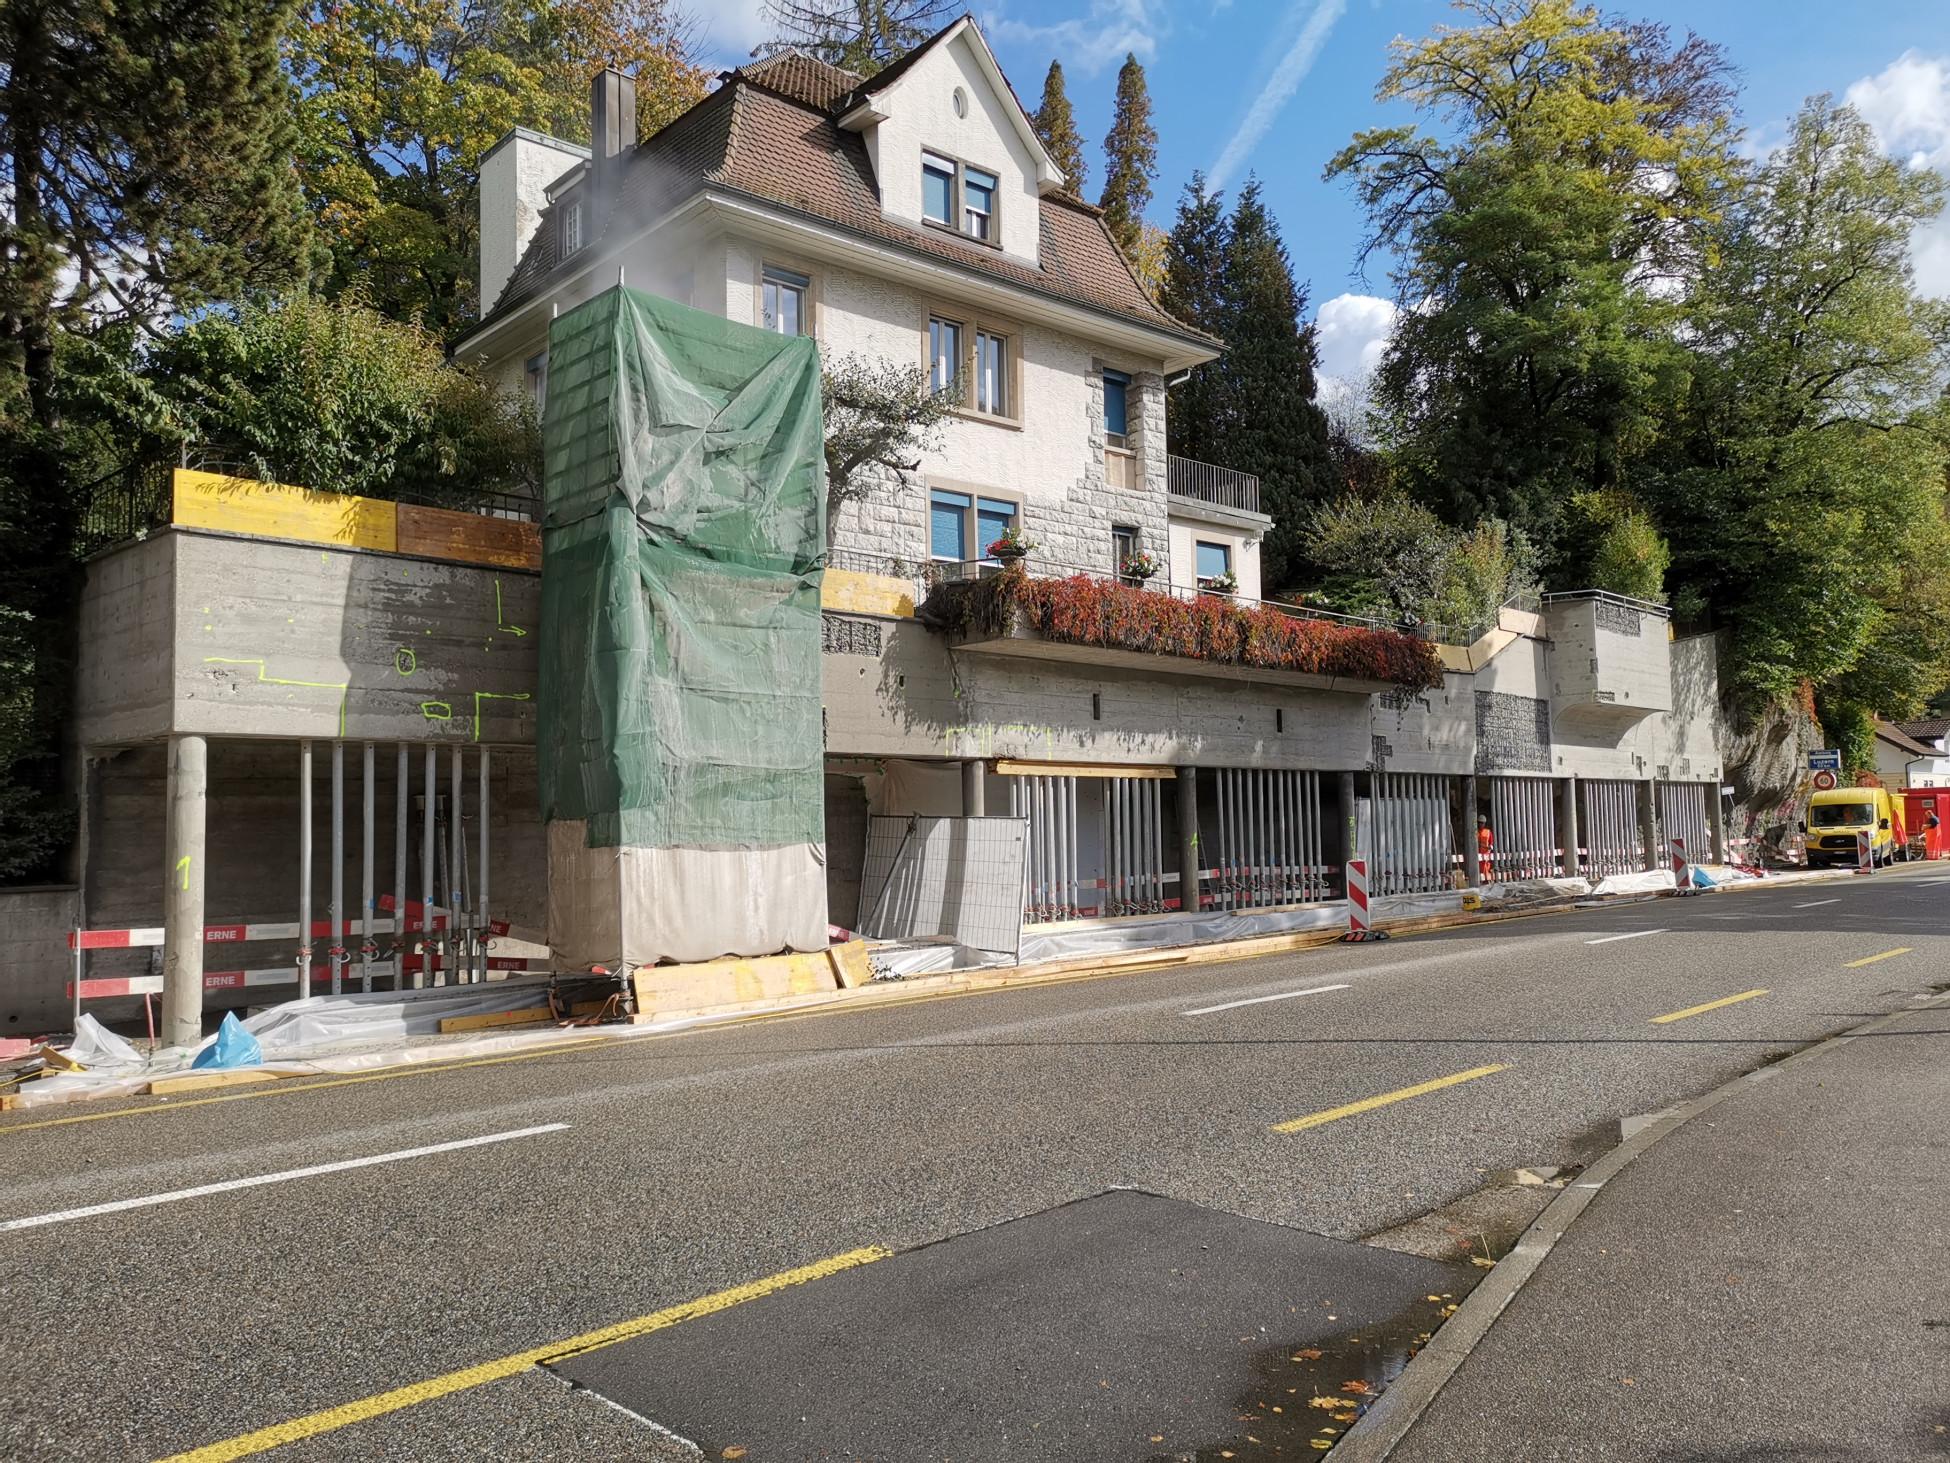 Beton-Instandsetzungsarbeit auf Oltner Baustelle in Übersicht